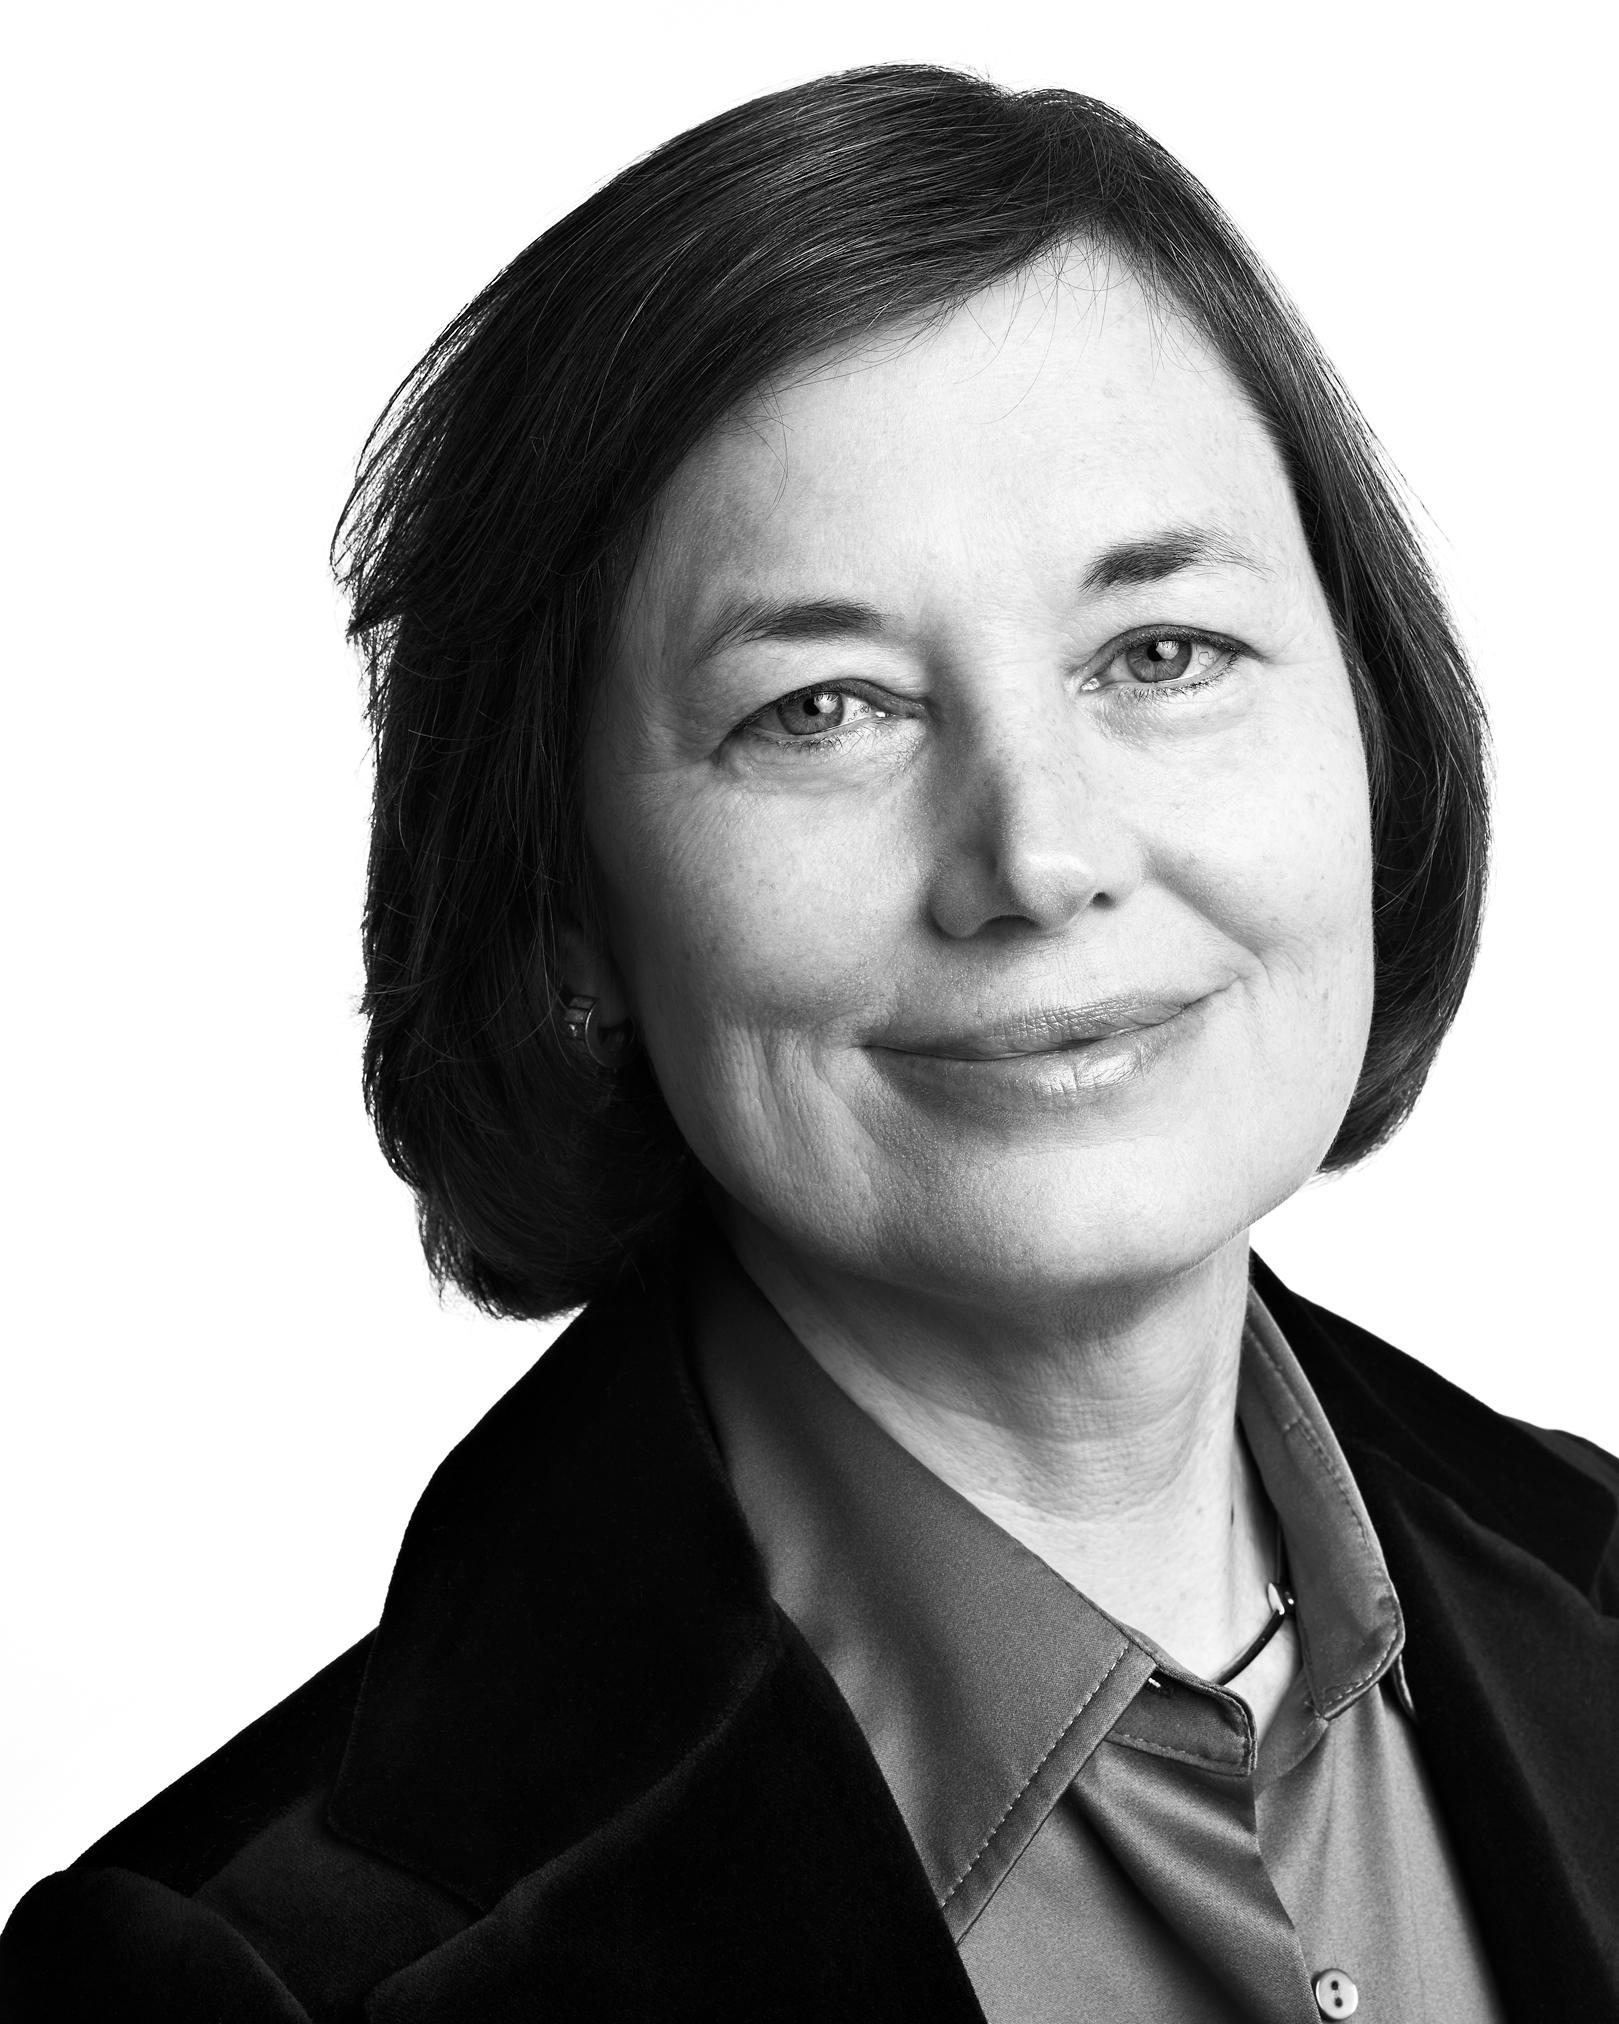 Karen Copenhaver by Peter Adams.